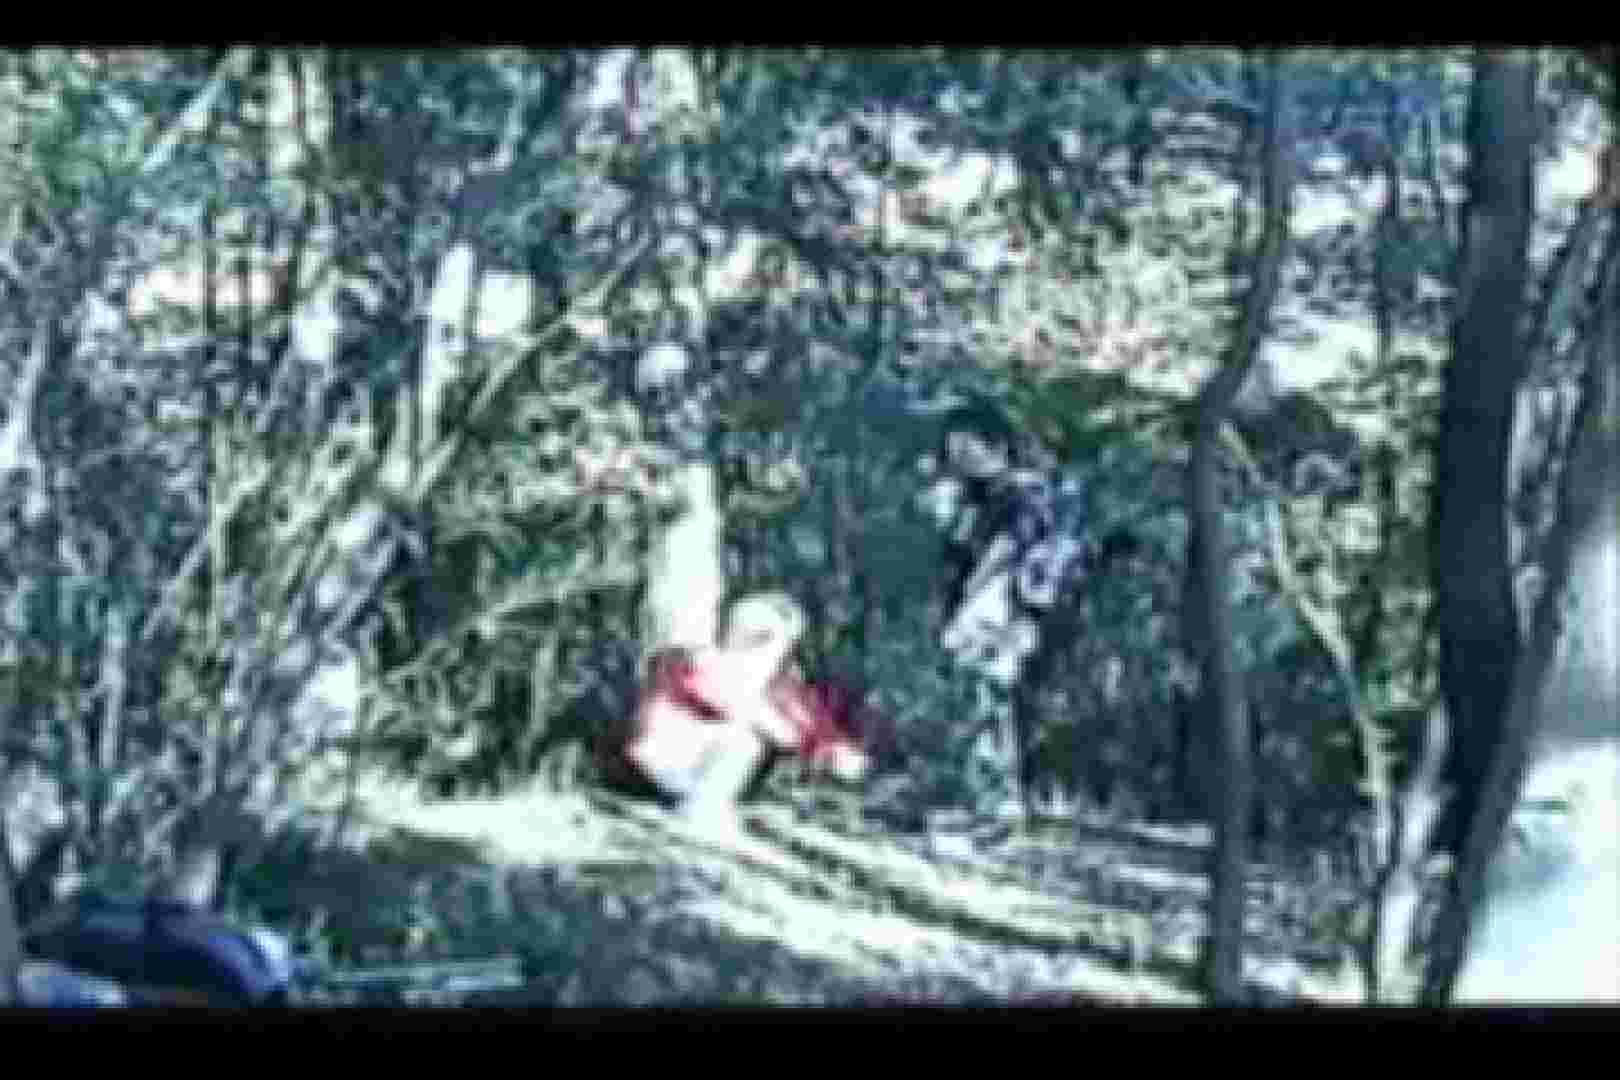 オールドゲイシリーズ  美少年ひかるのオープンファック ディープキス チンコ画像 46pic 24